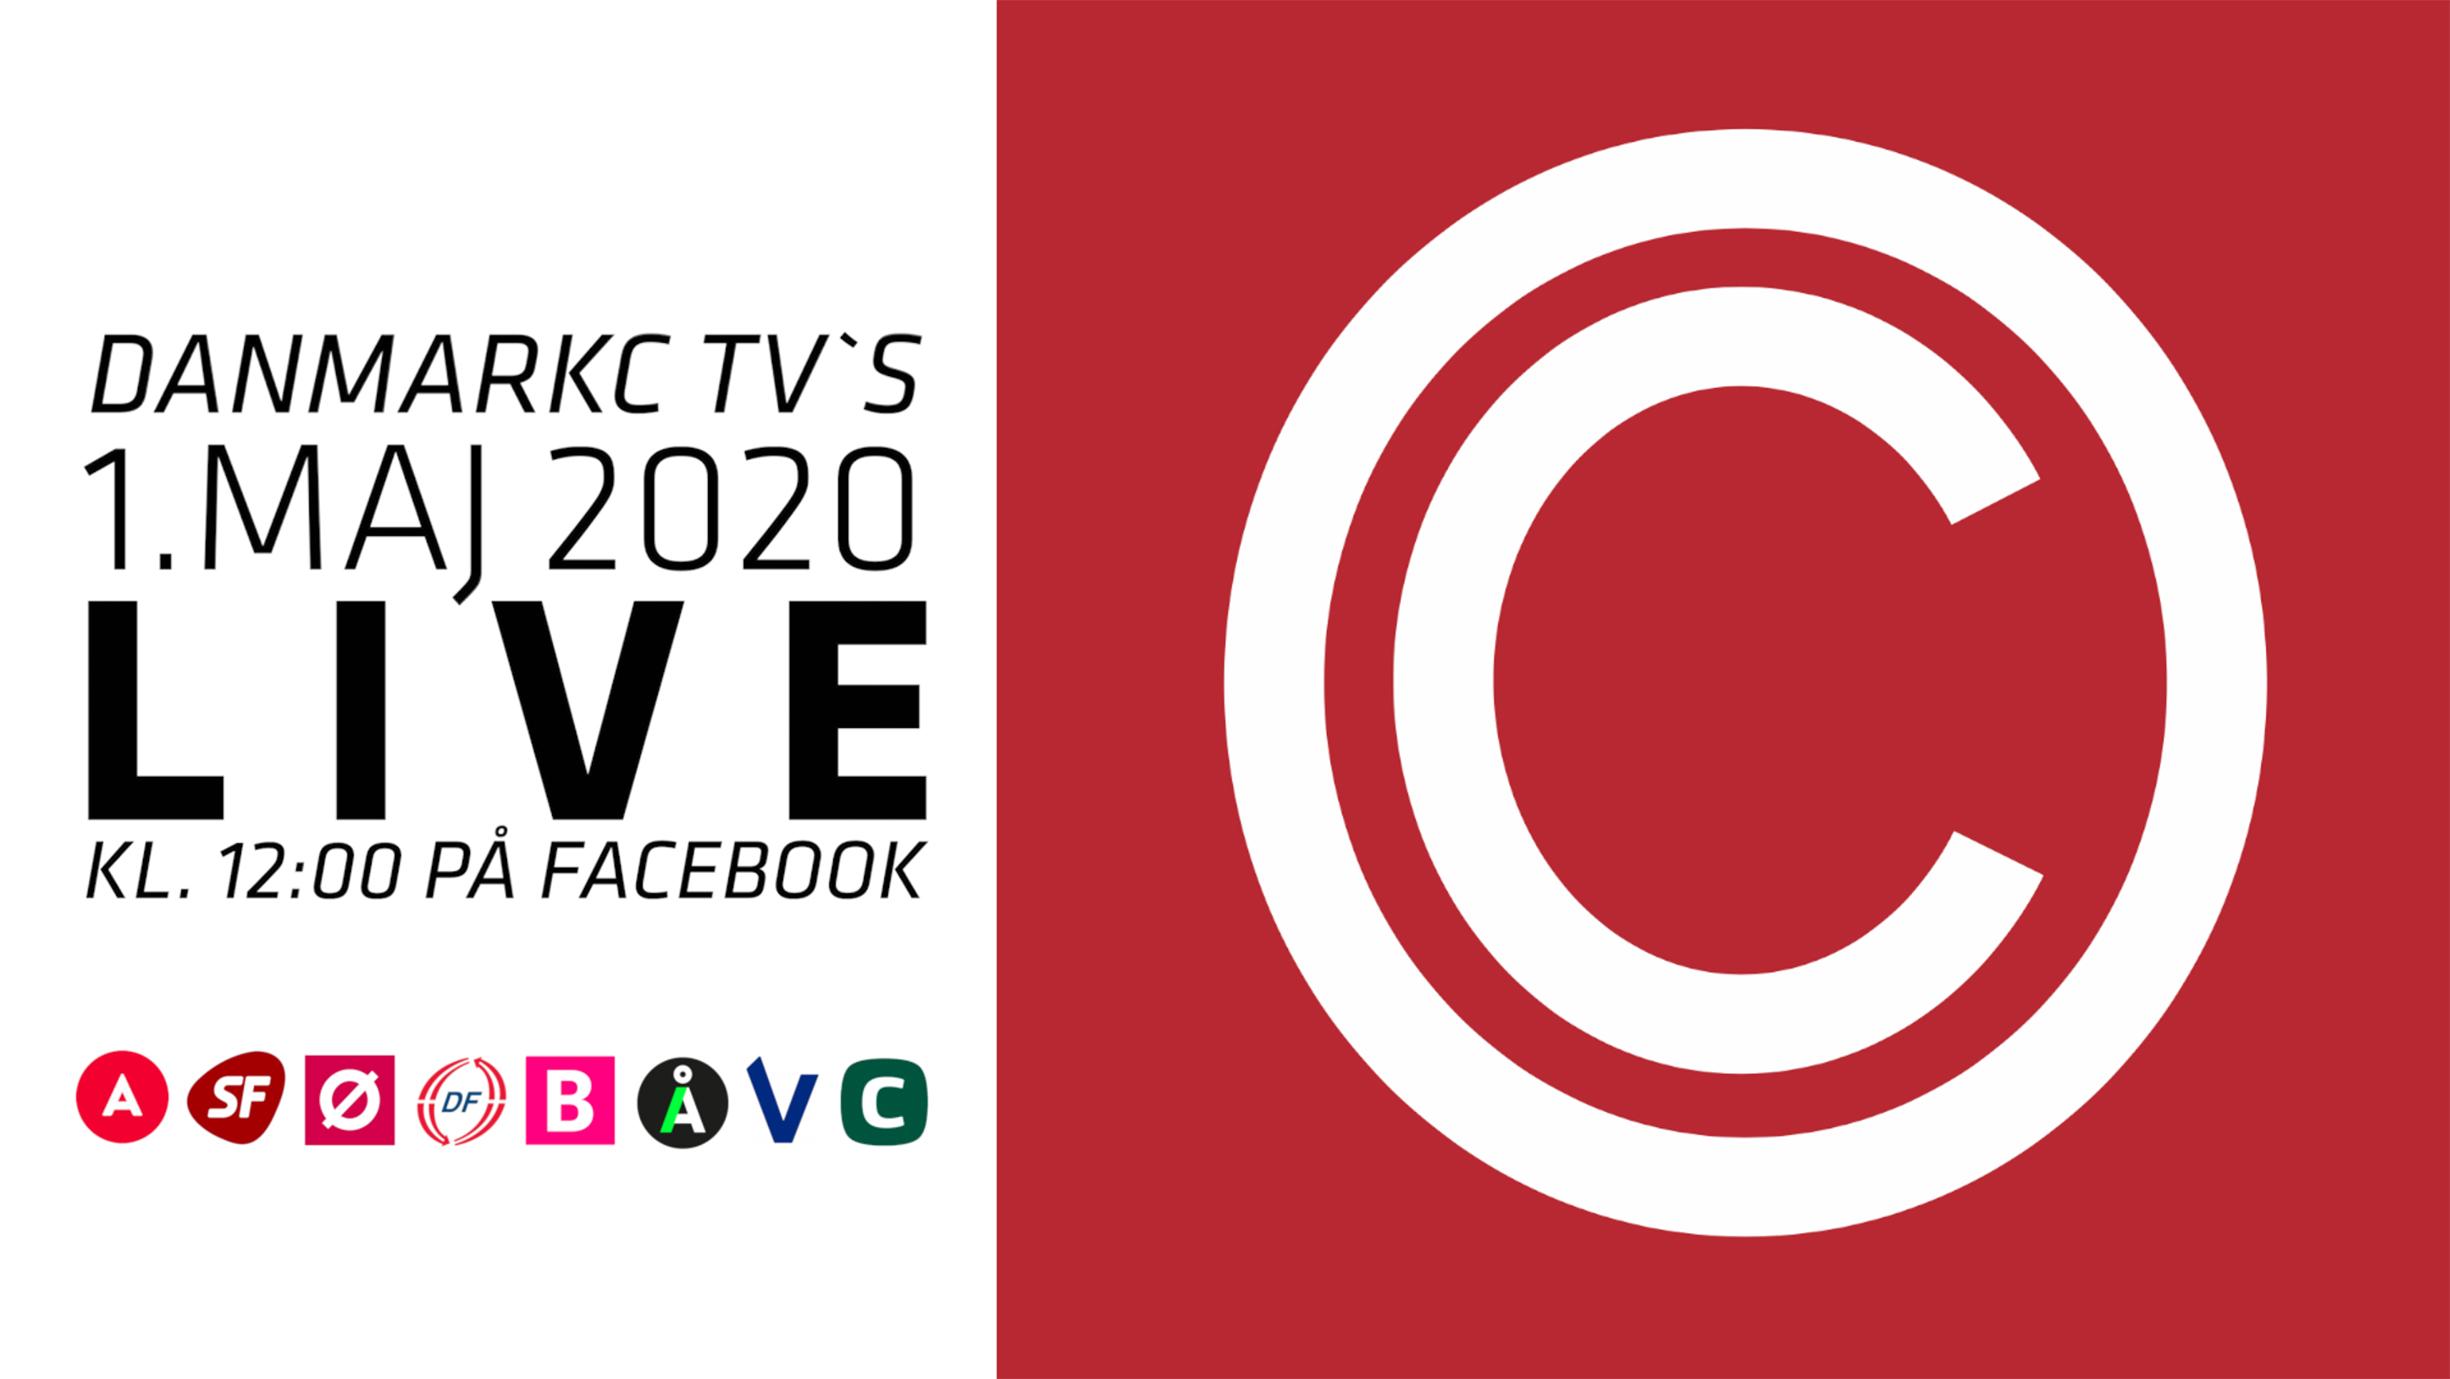 """1.MAJ-TALER FREDAG KL. 12:00 – DanmarkC TV giver dig Politiske taler og lokal """"livemusik"""""""